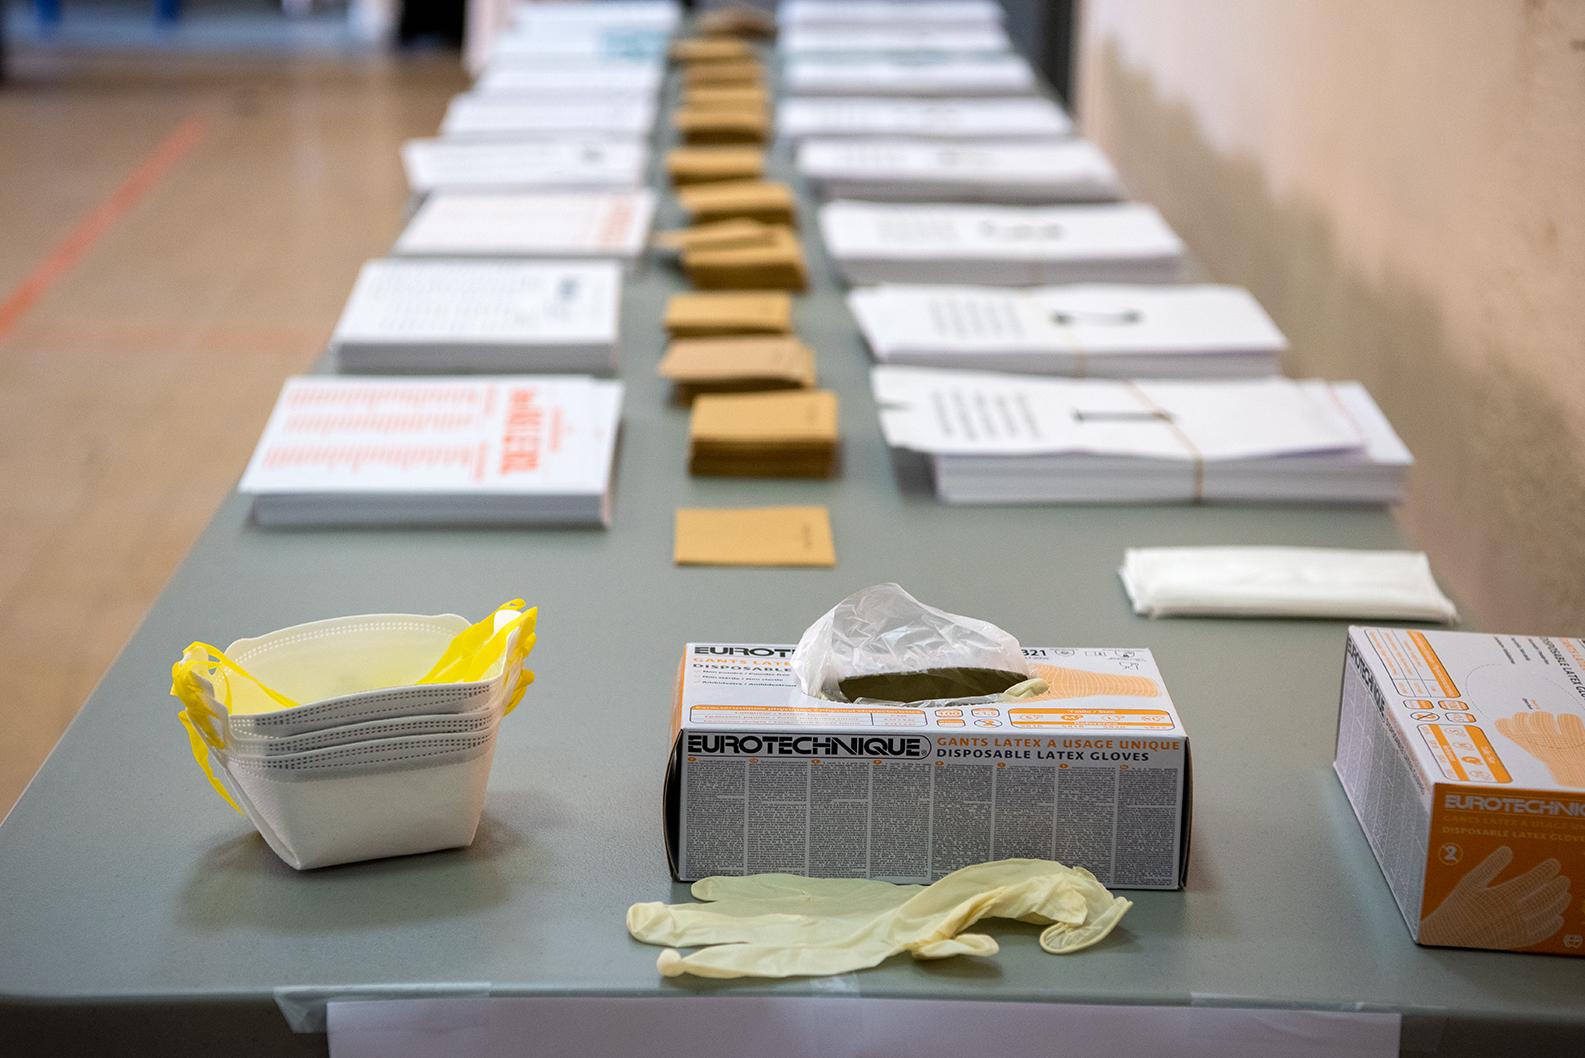 Les 41 bureaux ajacciens de vote ont mis en place un dispositif de sécurité et du matériel de protection à disposition des votants pour respecter les mesures sanitaires.